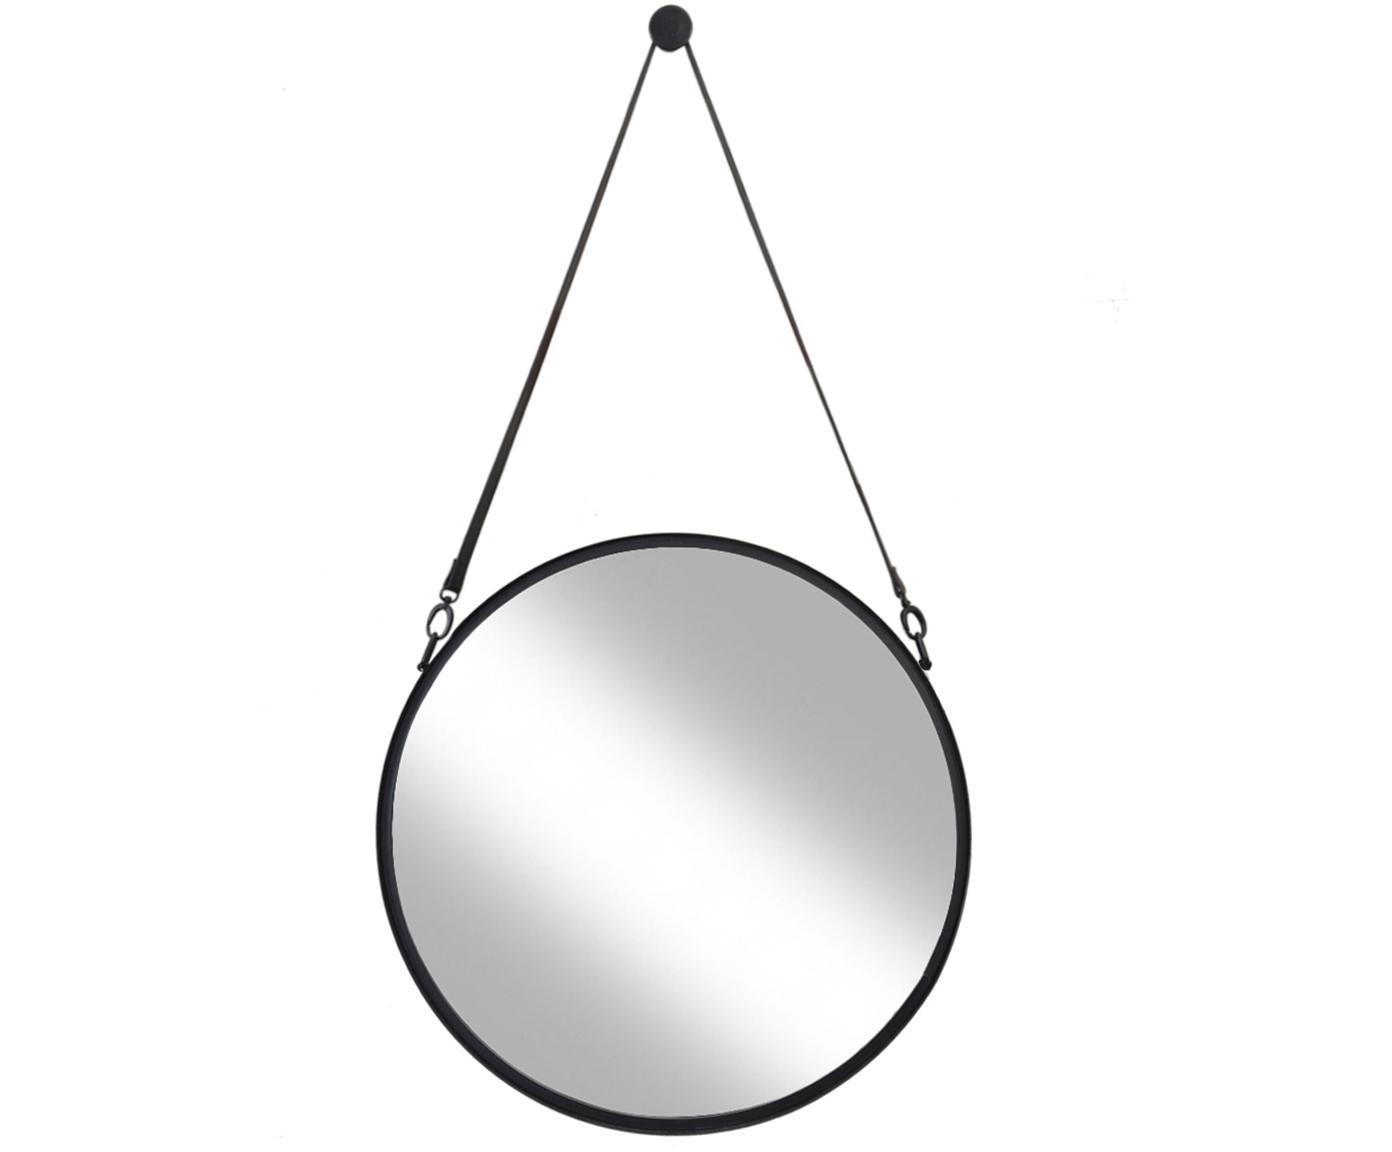 Okrągłe lustro ścienne ze skórzaną pętlą Liz, Czarny, Ø 80 cm